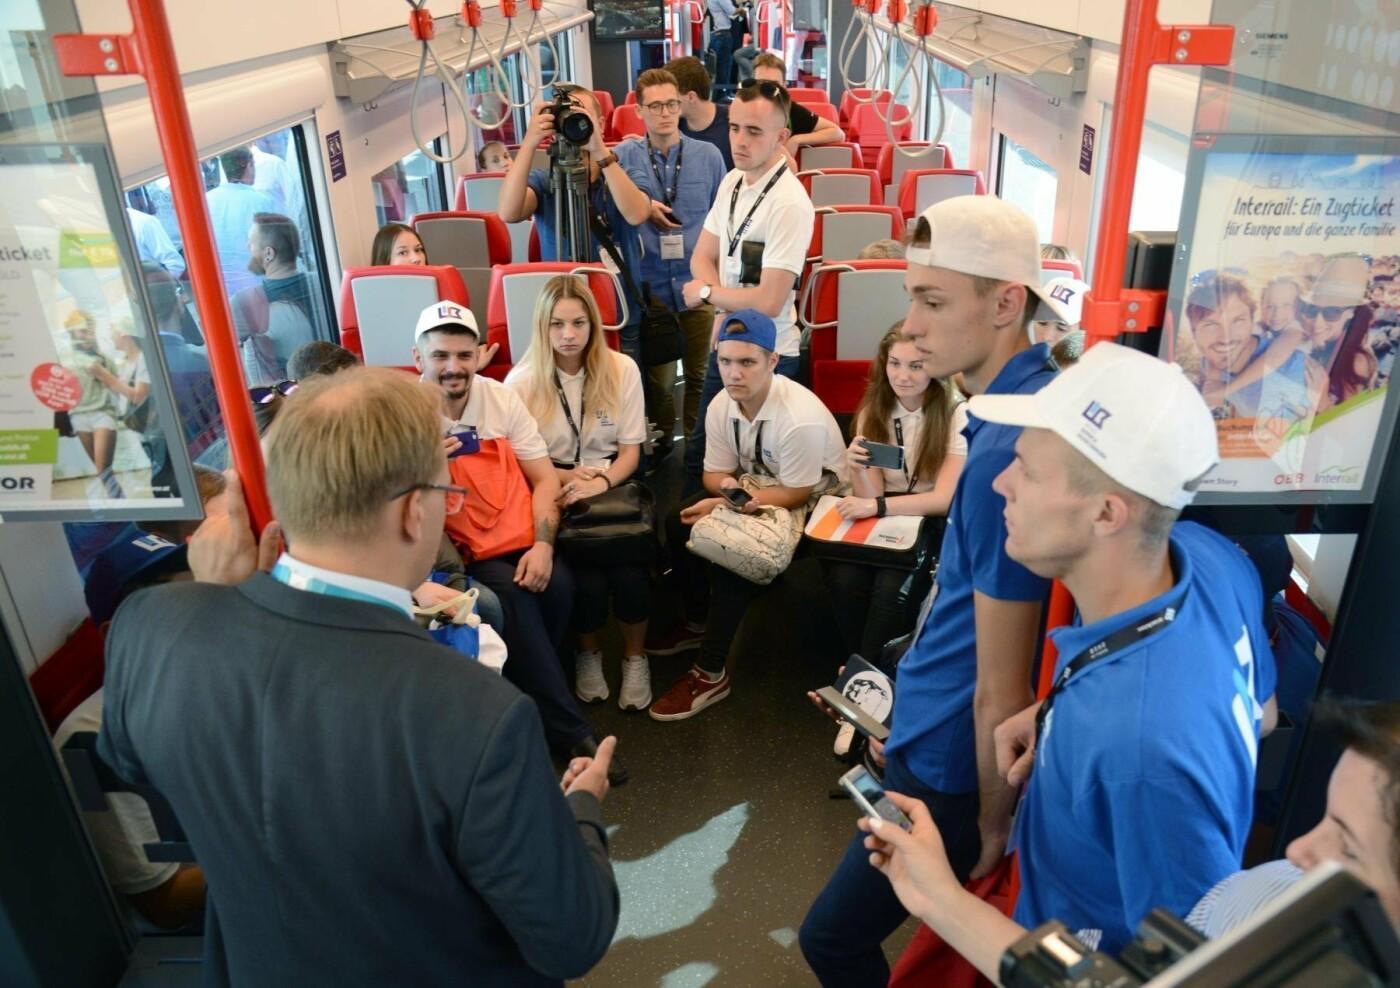 Борис Колесников вместе с лучшими студентами Украины посетил транспортную выставку в Германии, фото-4